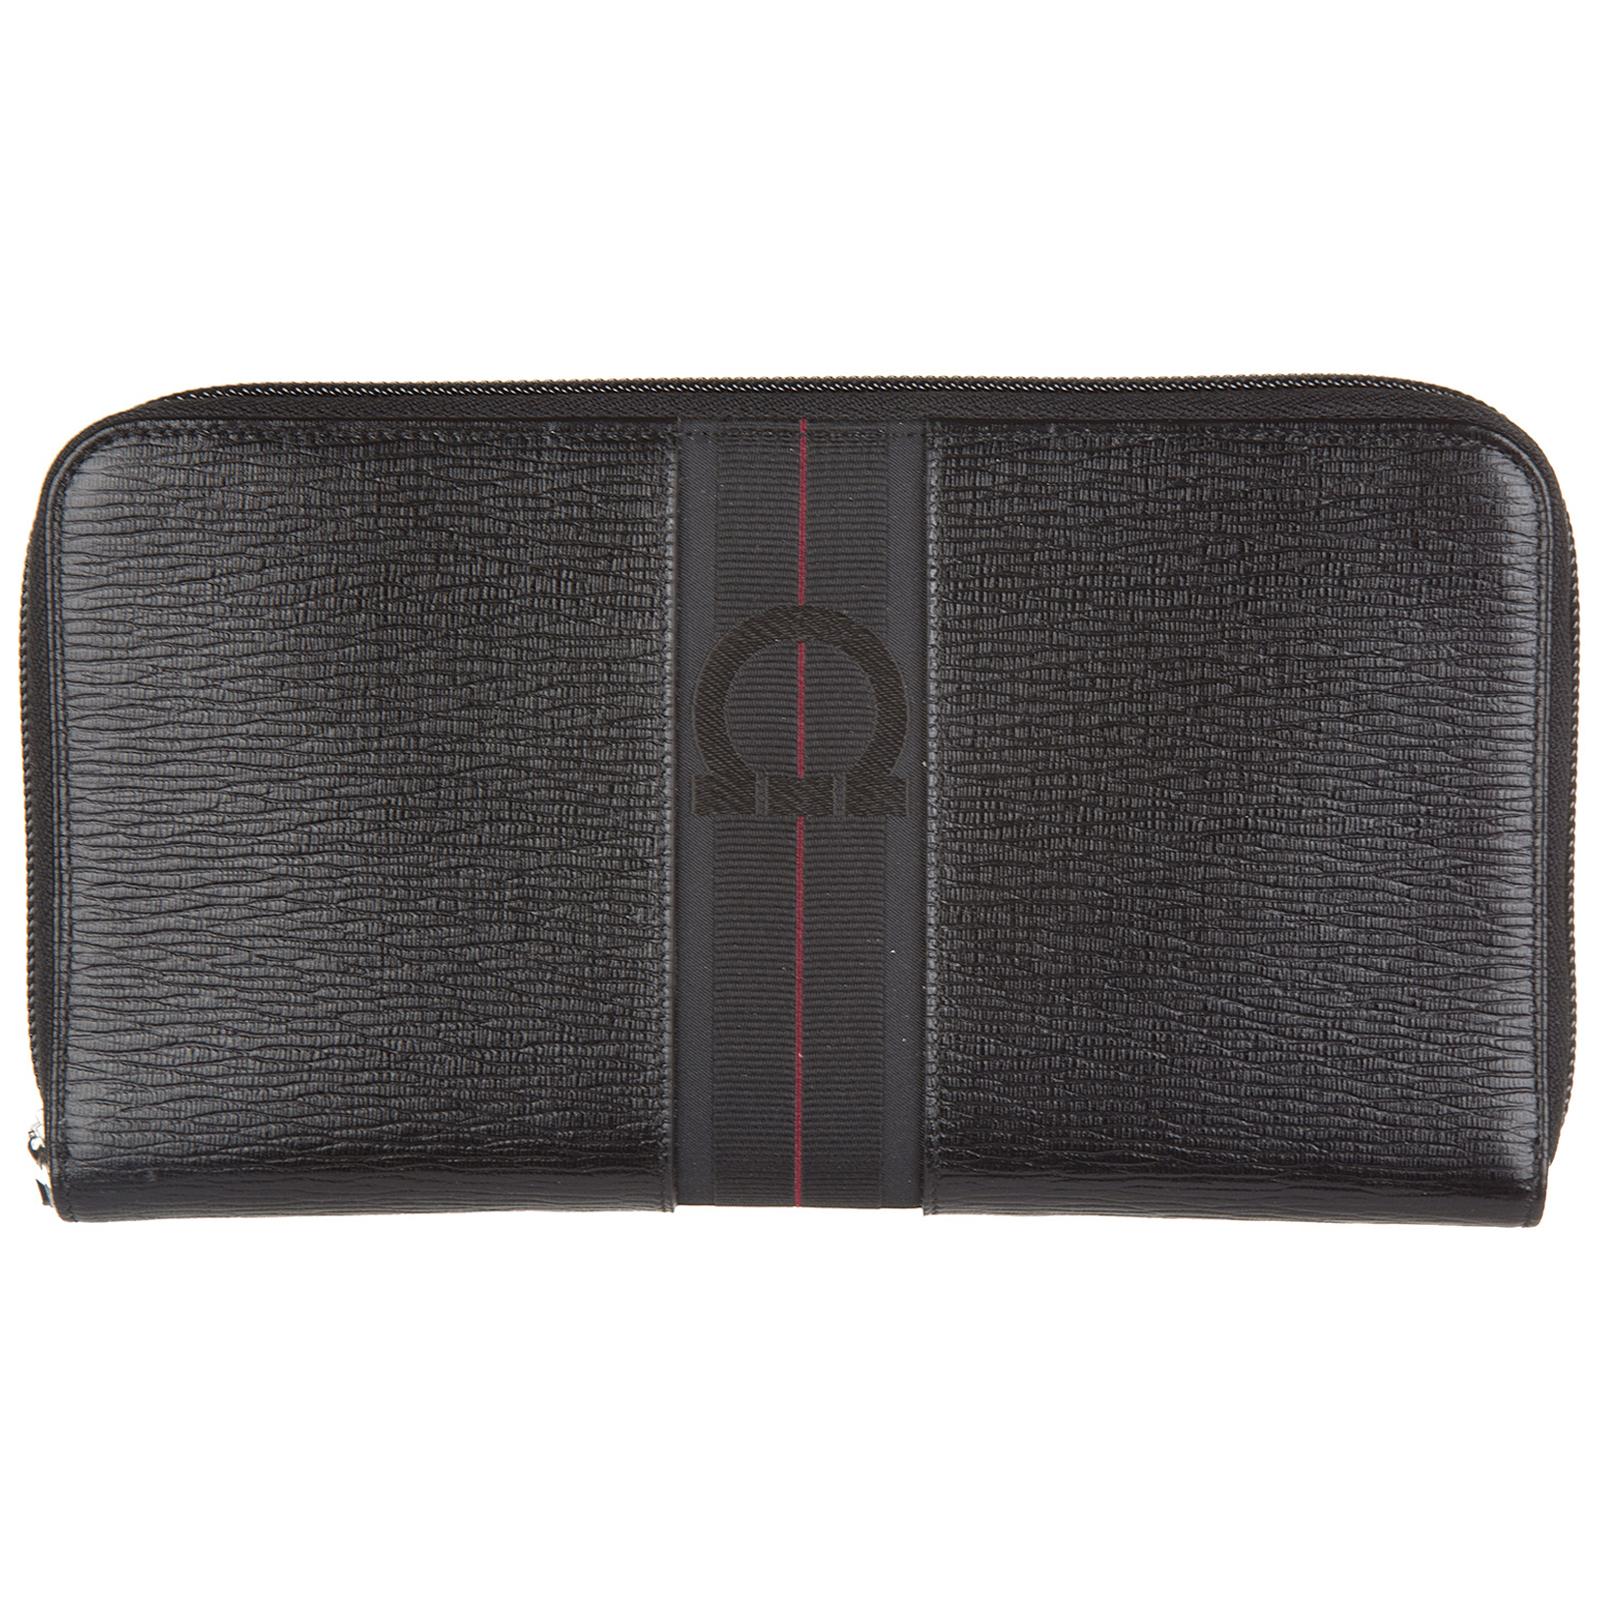 бумажник портмоне женский кожаный bifold